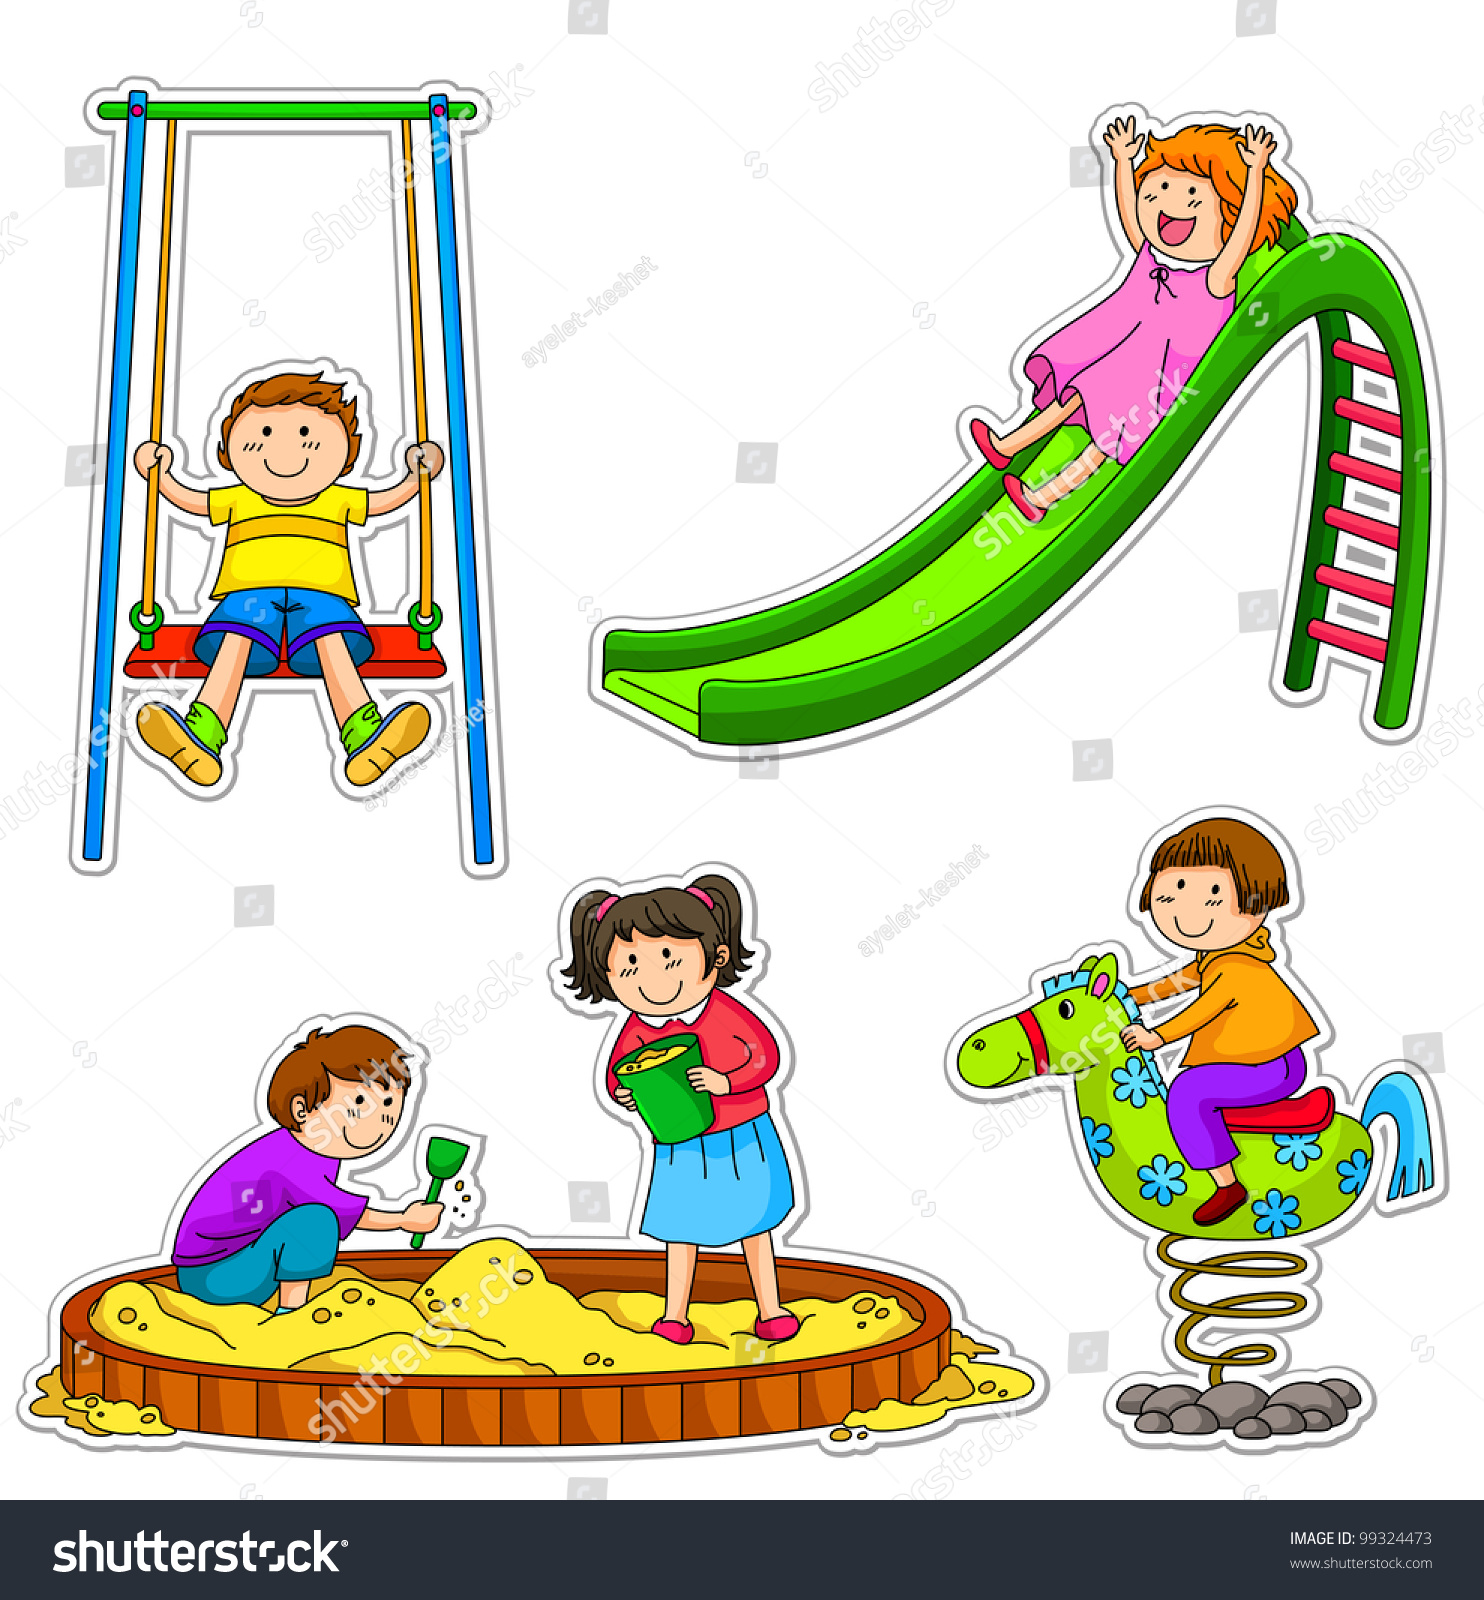 Рисунок на тему дети играют на детской площадке 4